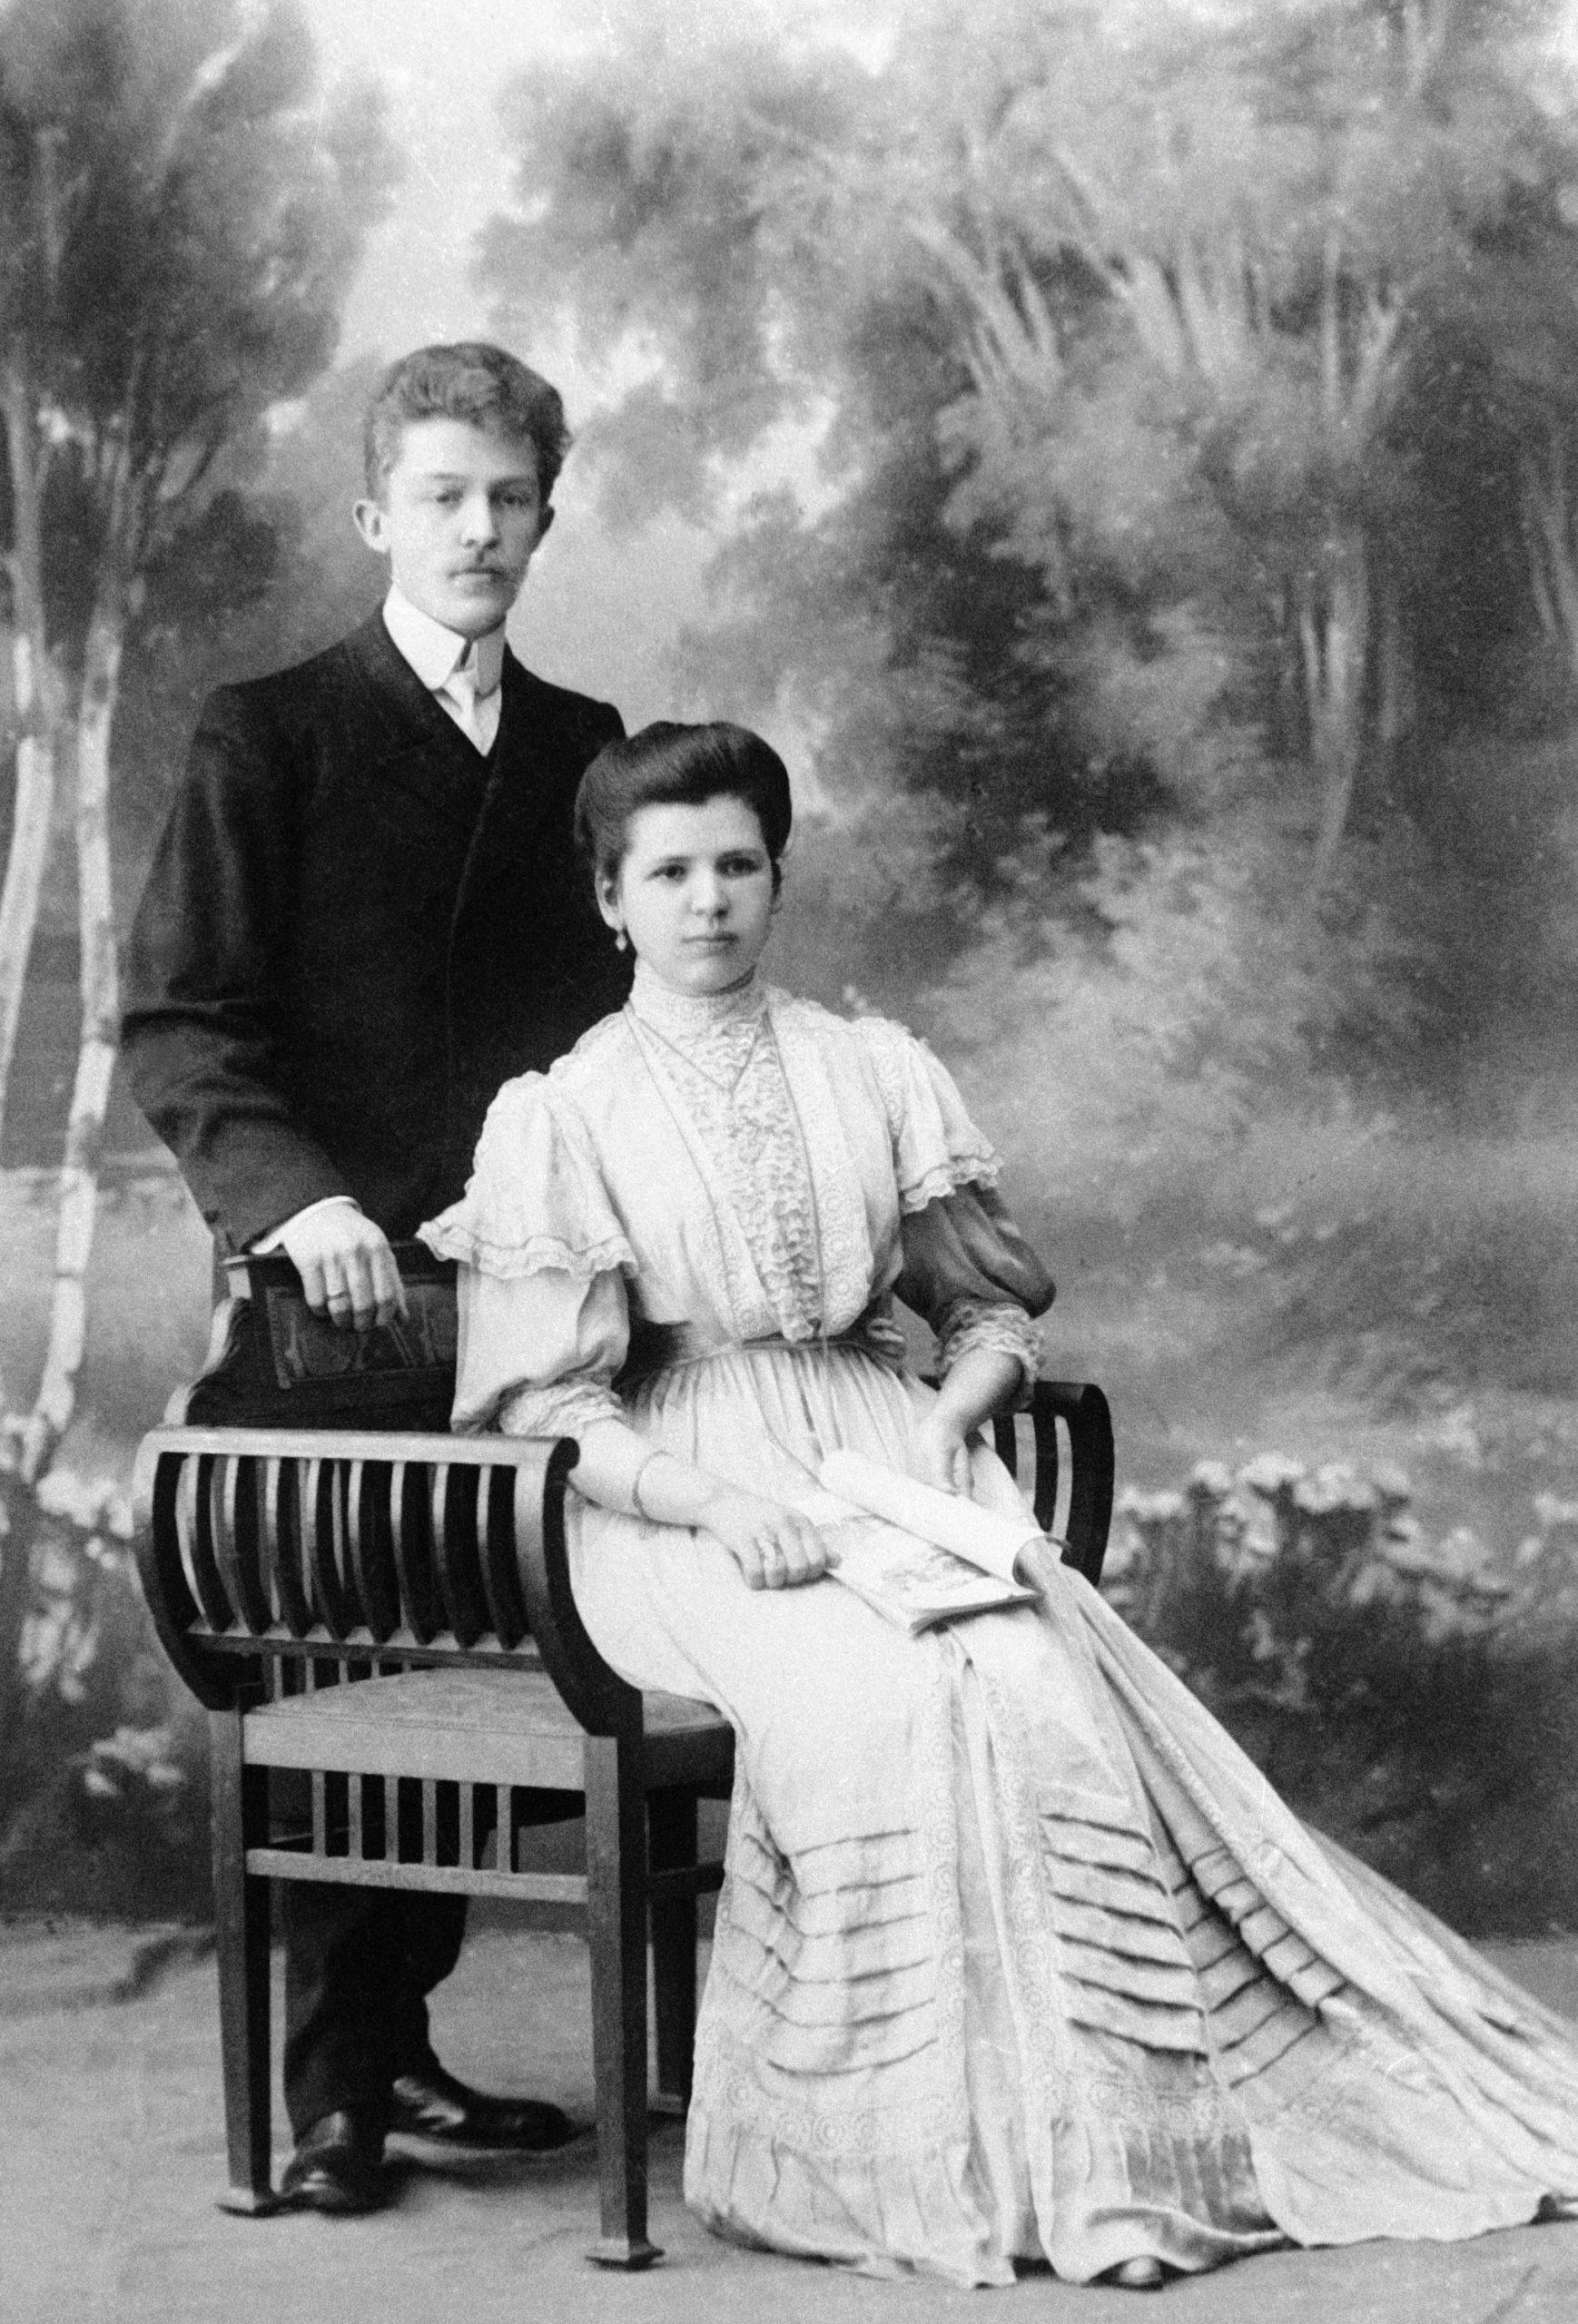 Et moderigtigt klædt ægtepar i begyndelsen af det 20. århundrede